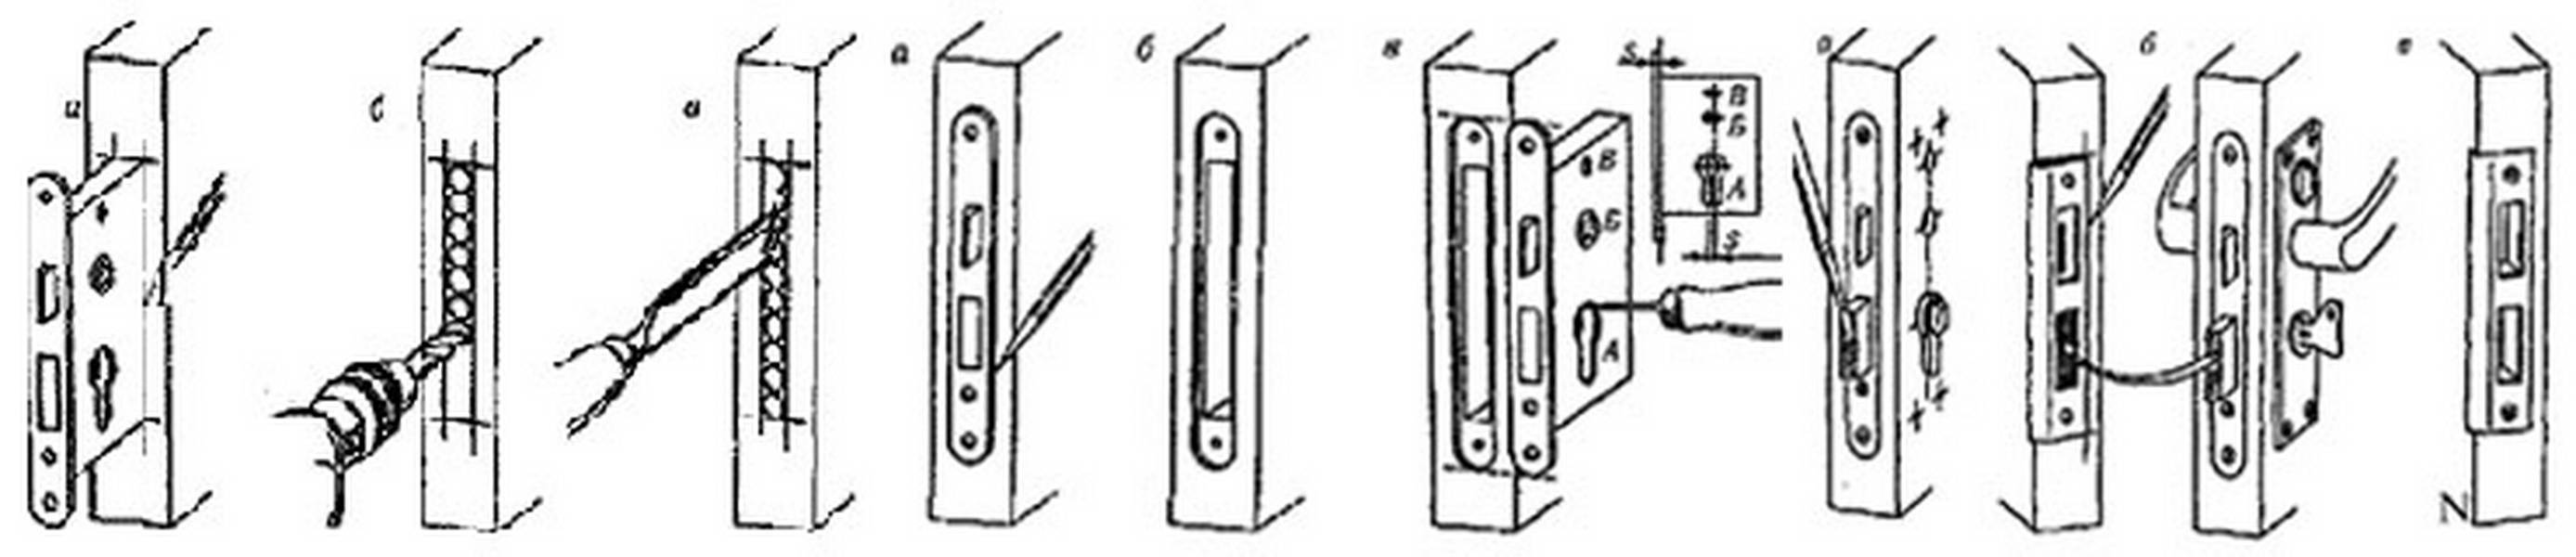 Как врезать замок в деревянную дверь? установка дверного замка своими руками, выбор инструментов и правила монтажа